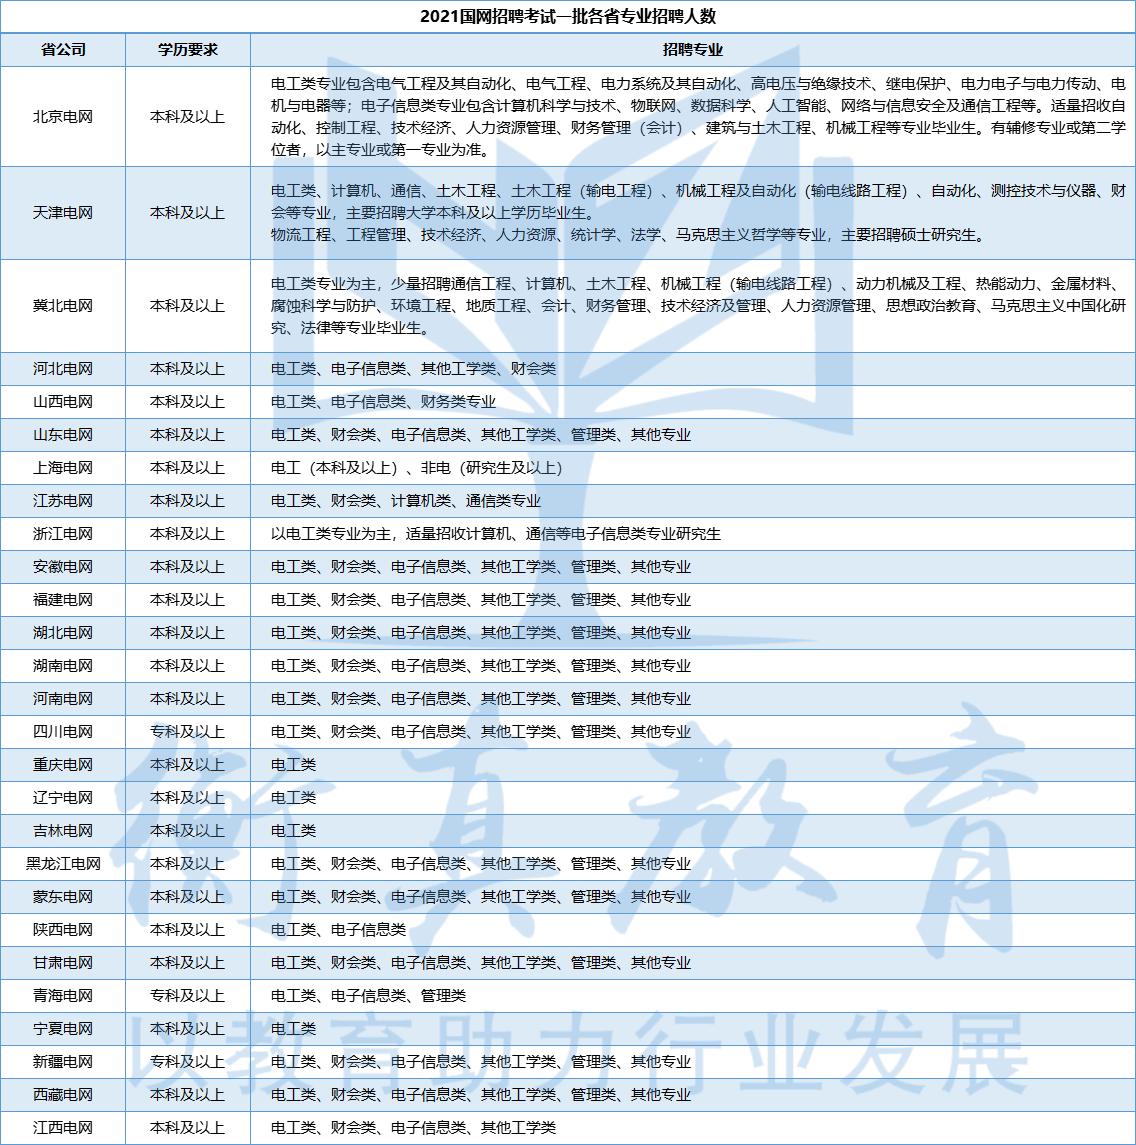 9.3-21屆一批招聘類別.png